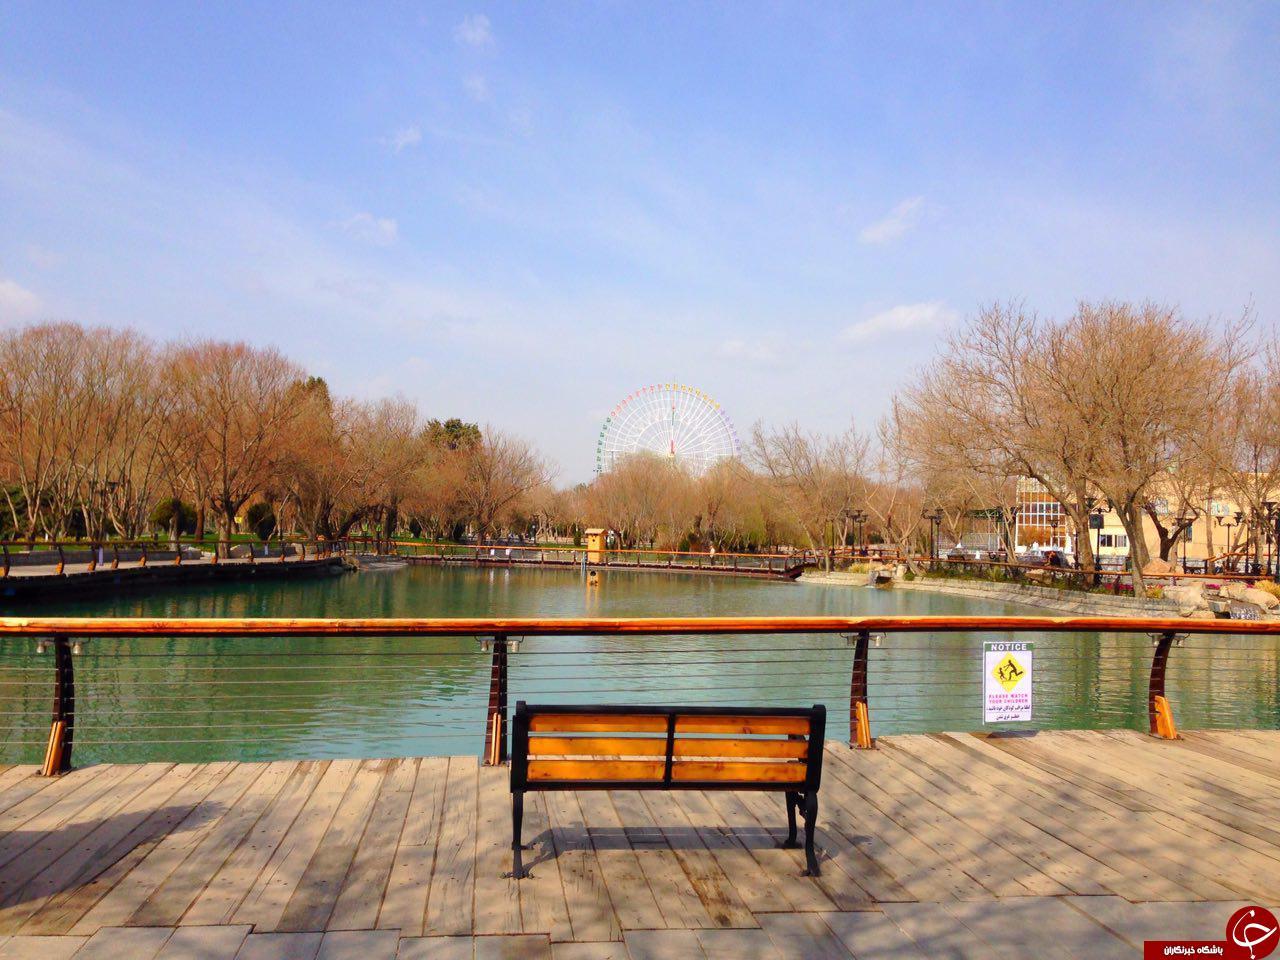 تصاویری زیبا از المانهای نوروزی در مشهد